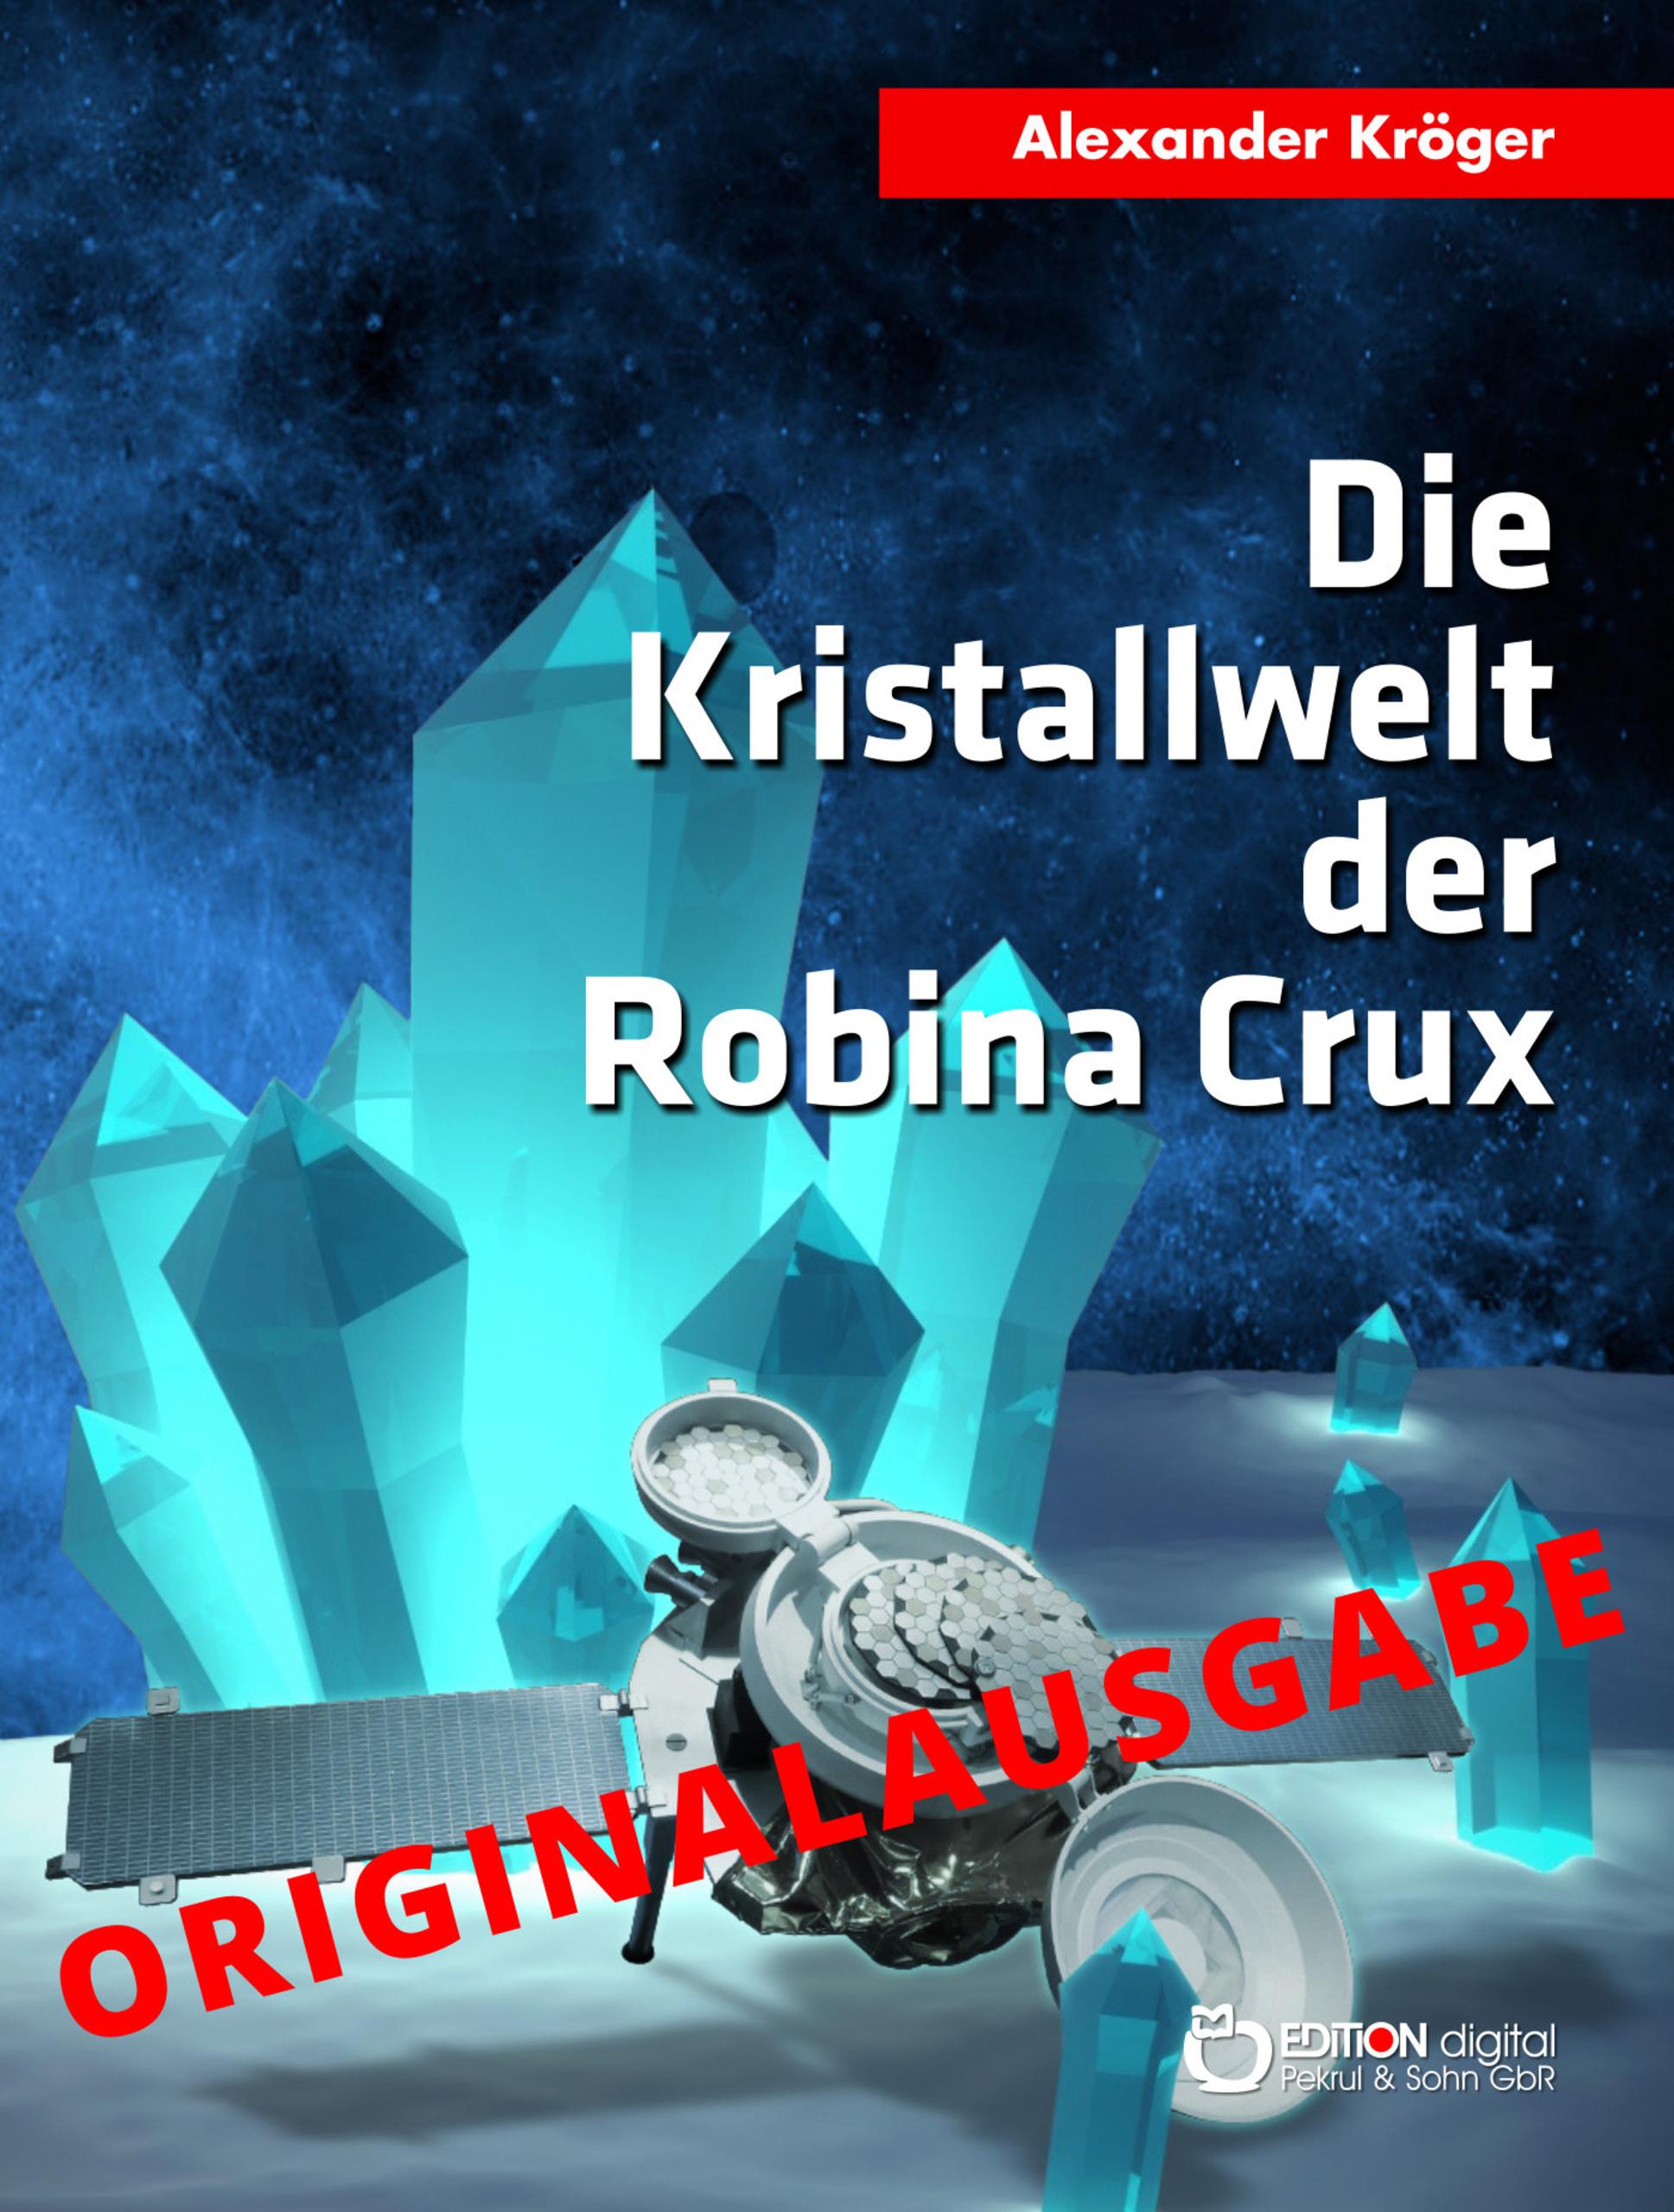 Die Kristallwelt der Robina Crux - Originalausgabe